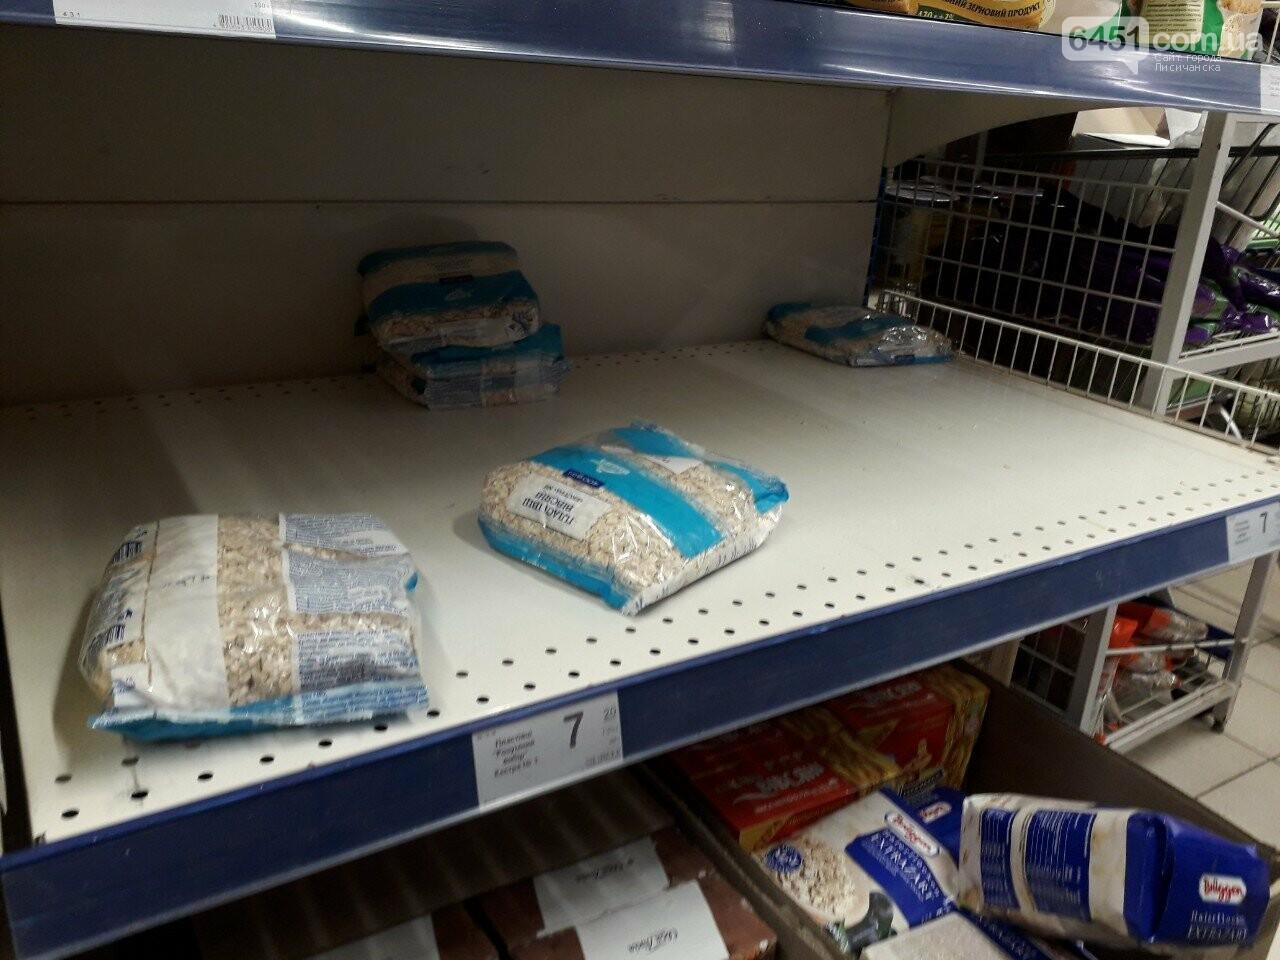 Ажиотажа нет, но продукты раскупают: что происходит в супермаркетах Лисичанска накануне карантина (фоторепортаж), фото-14